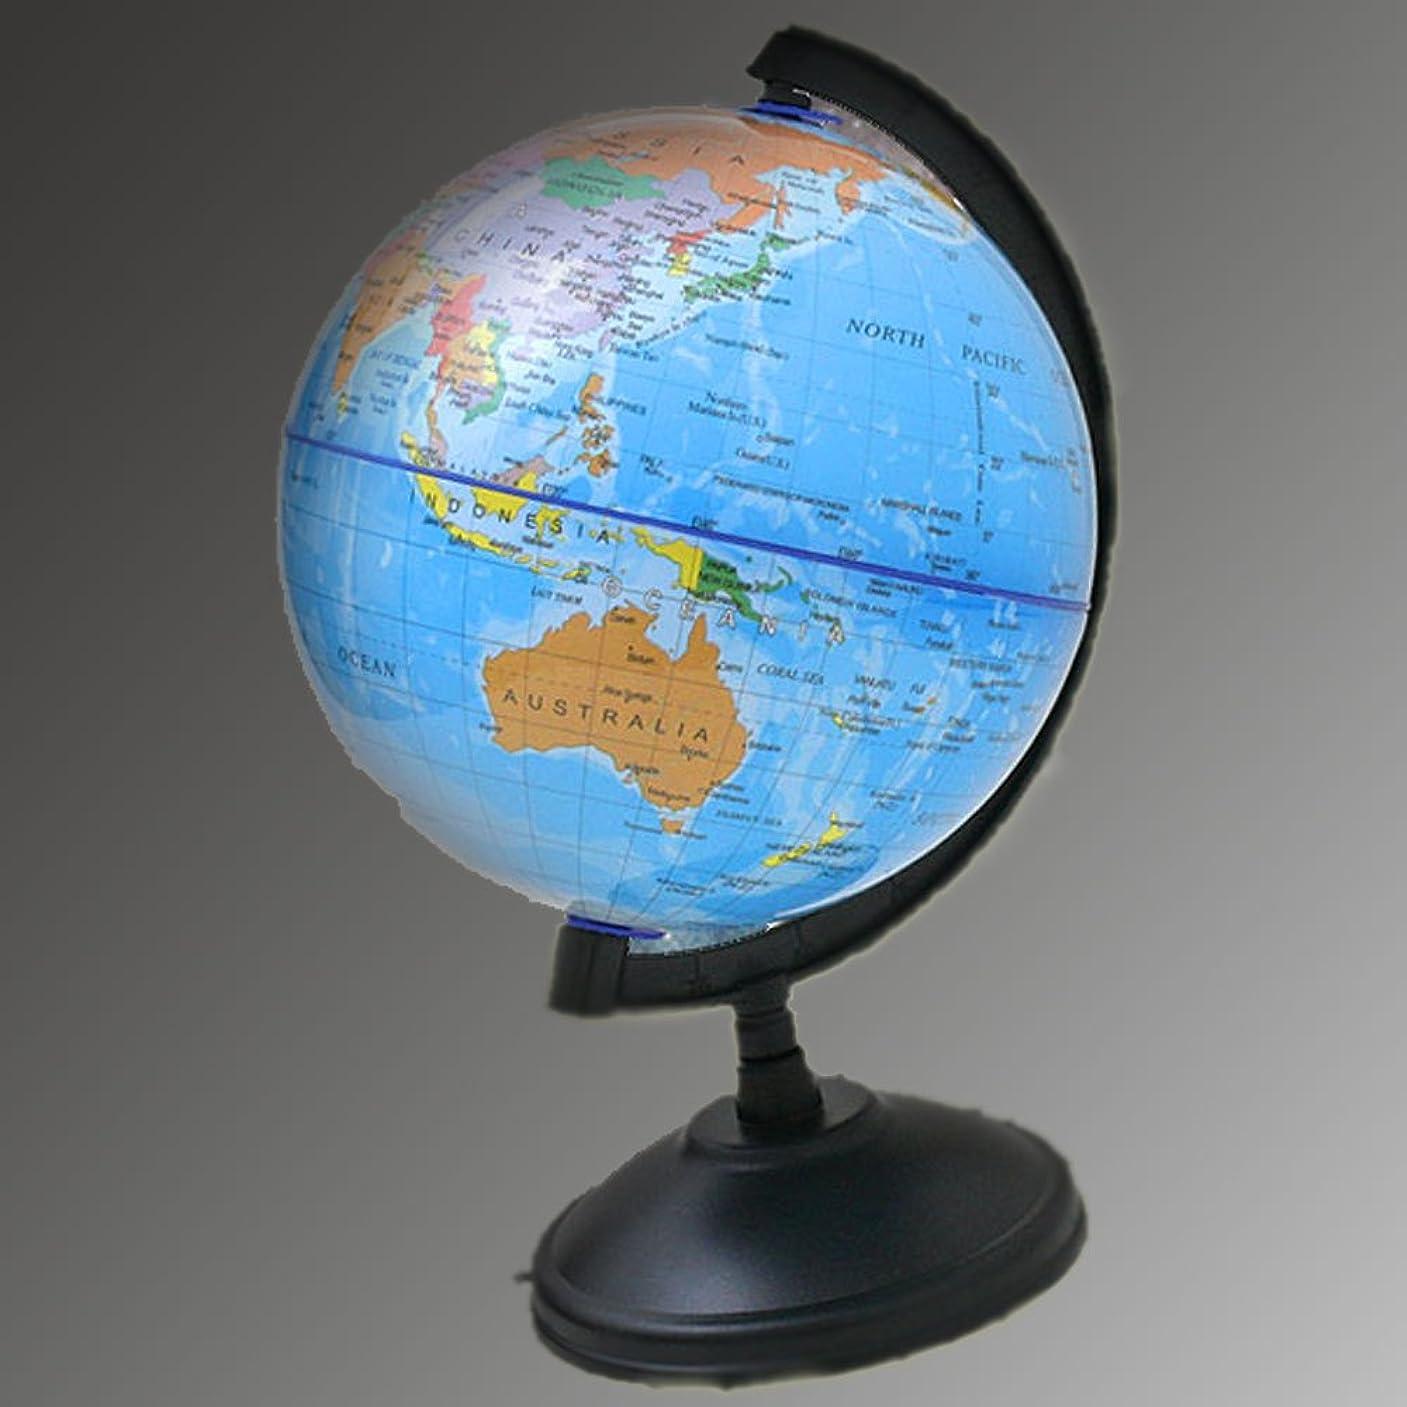 地球儀 世界を知ろう!学習やインテリアにも 学生 地図 宿題 勉強 世界史